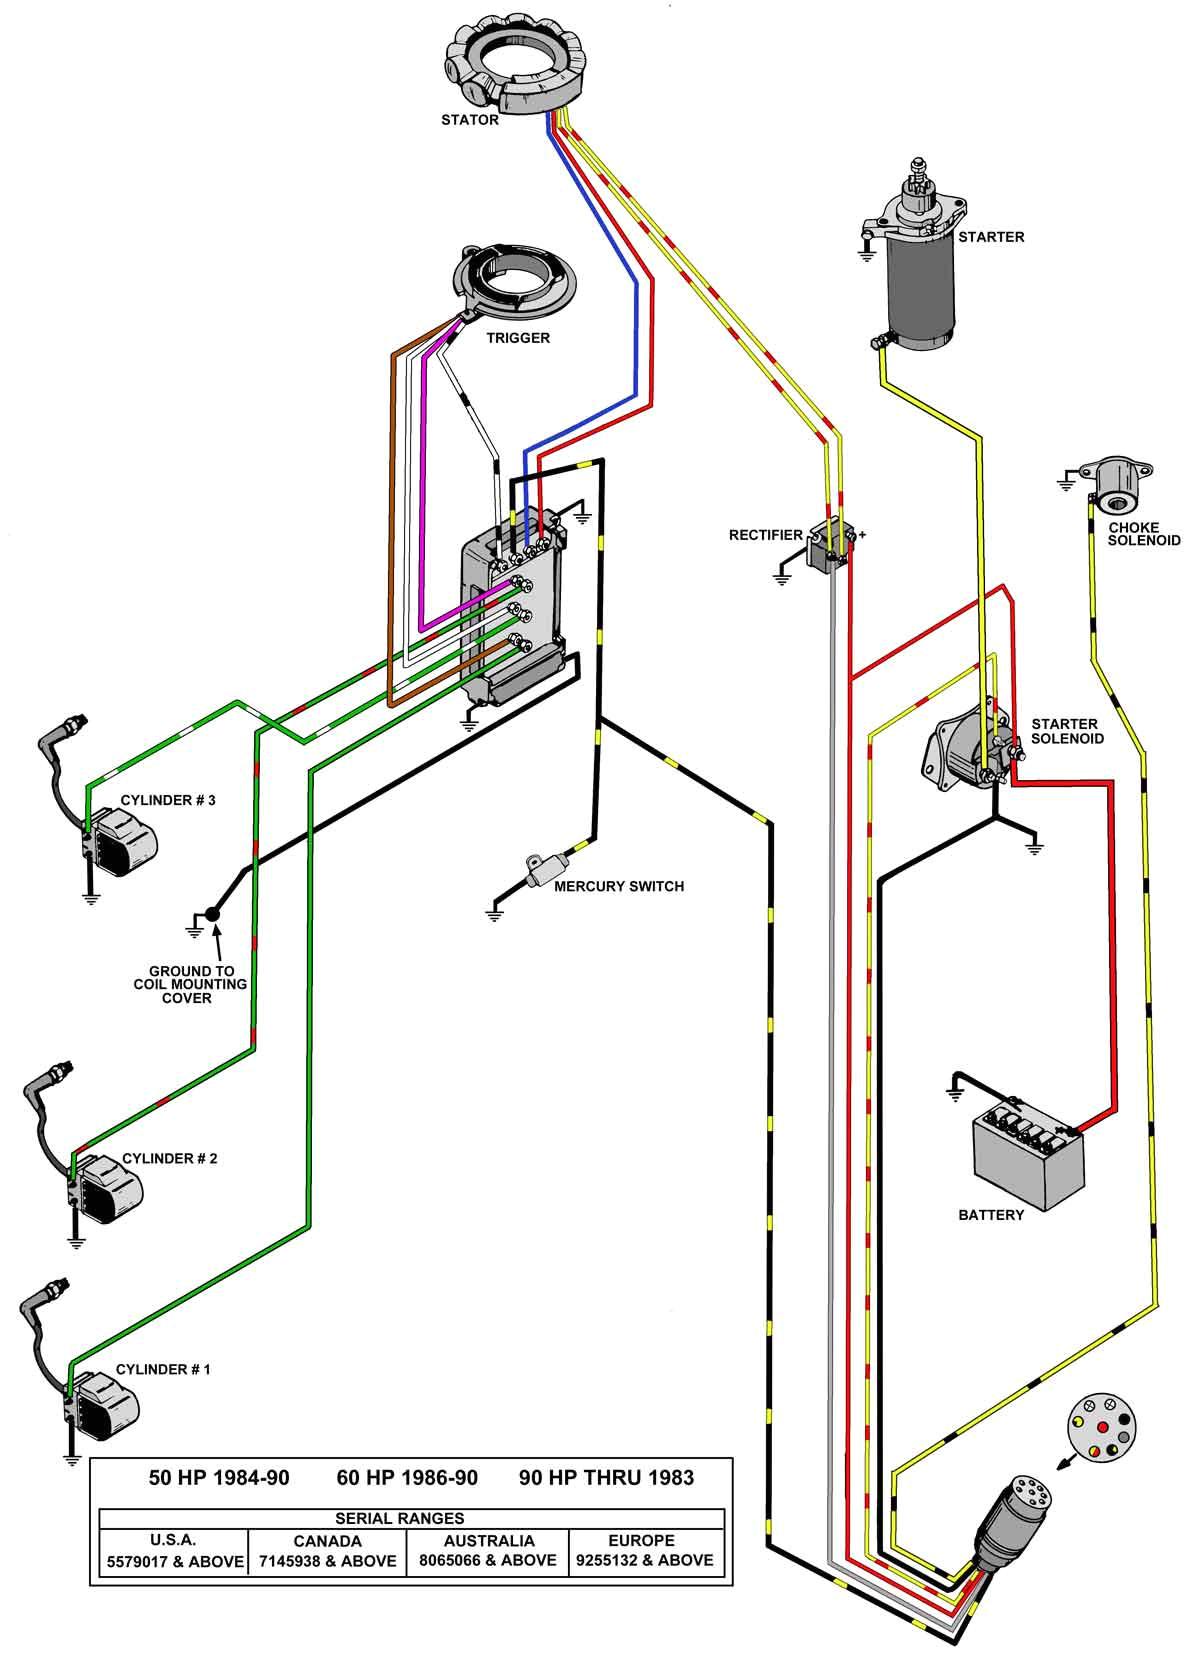 suzuki outboard wiring wiring diagram user suzuki outboard tachometer wiring diagram suzuki outboard wiring wiring diagram